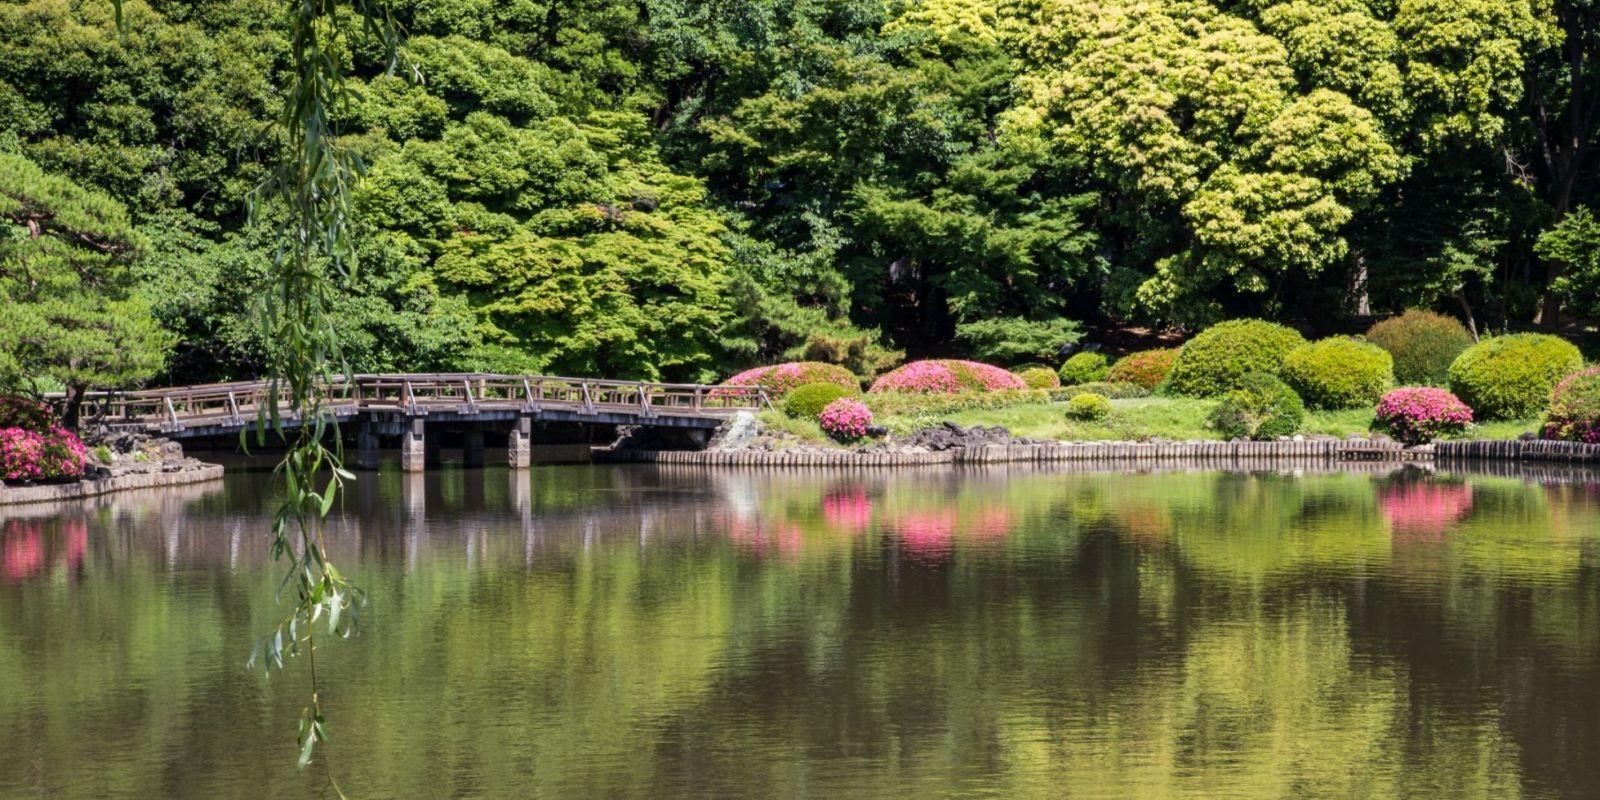 John S Lander. Each Japanese Garden ...